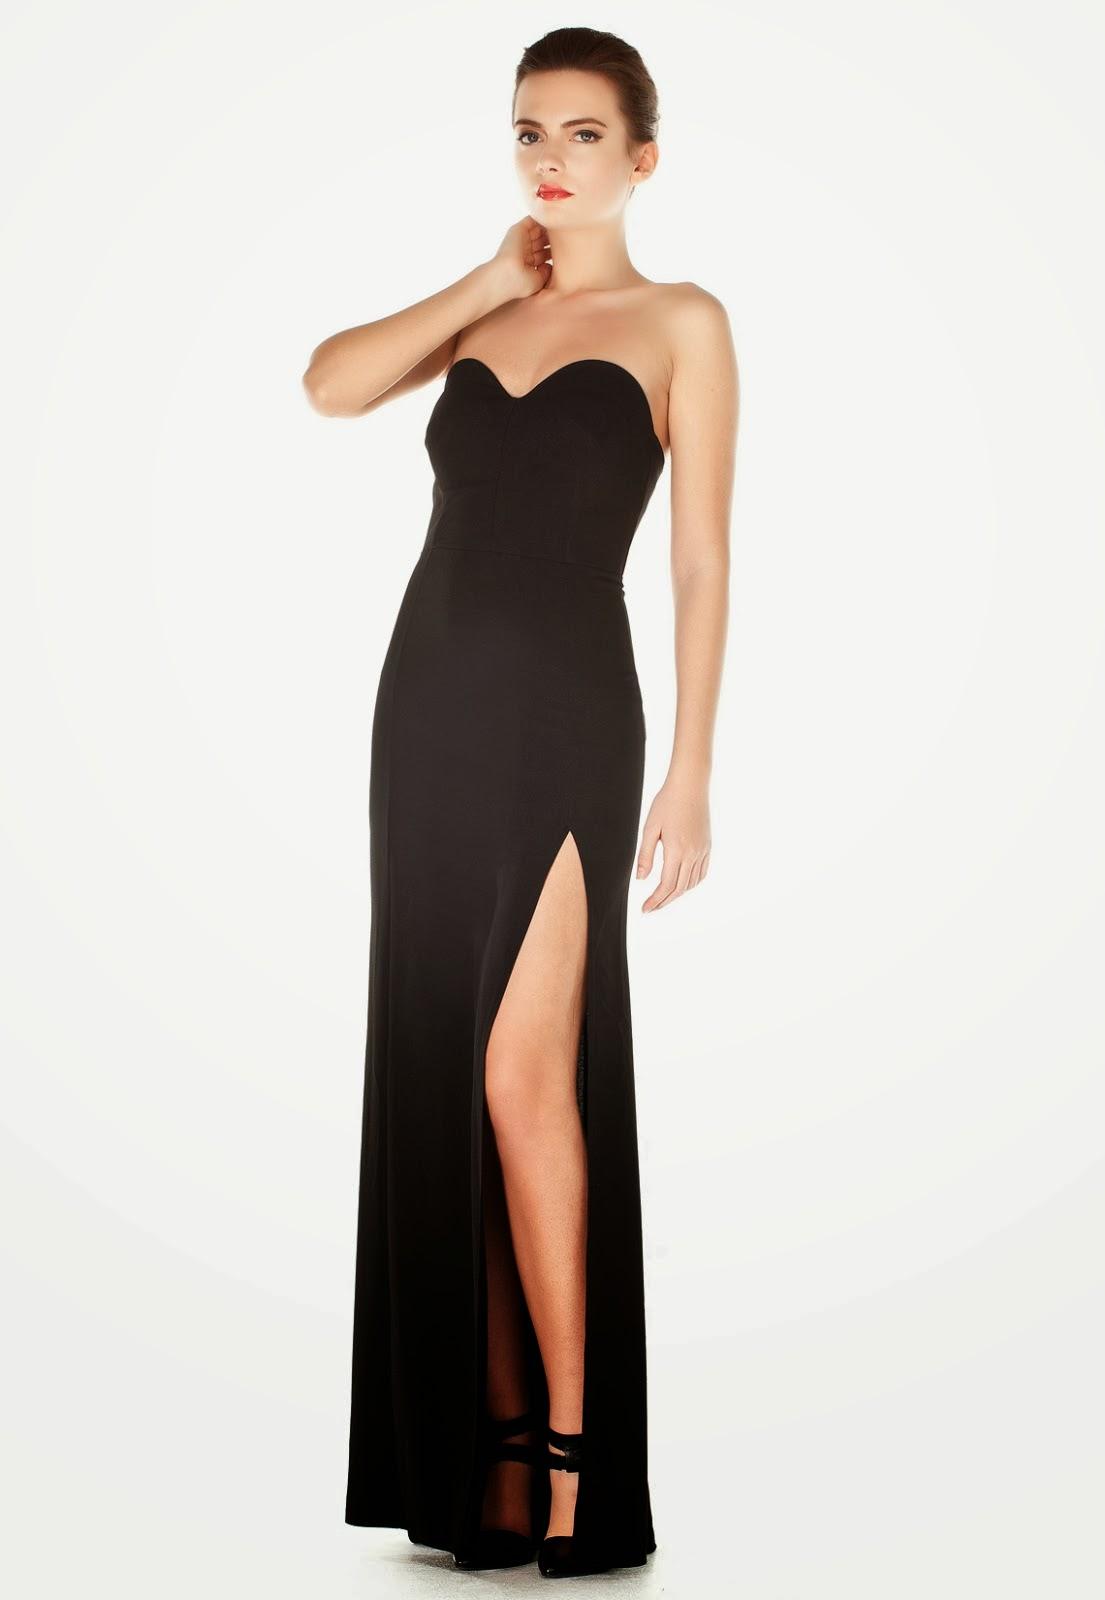 Adil Işık Gece Elbisesi Modelleri